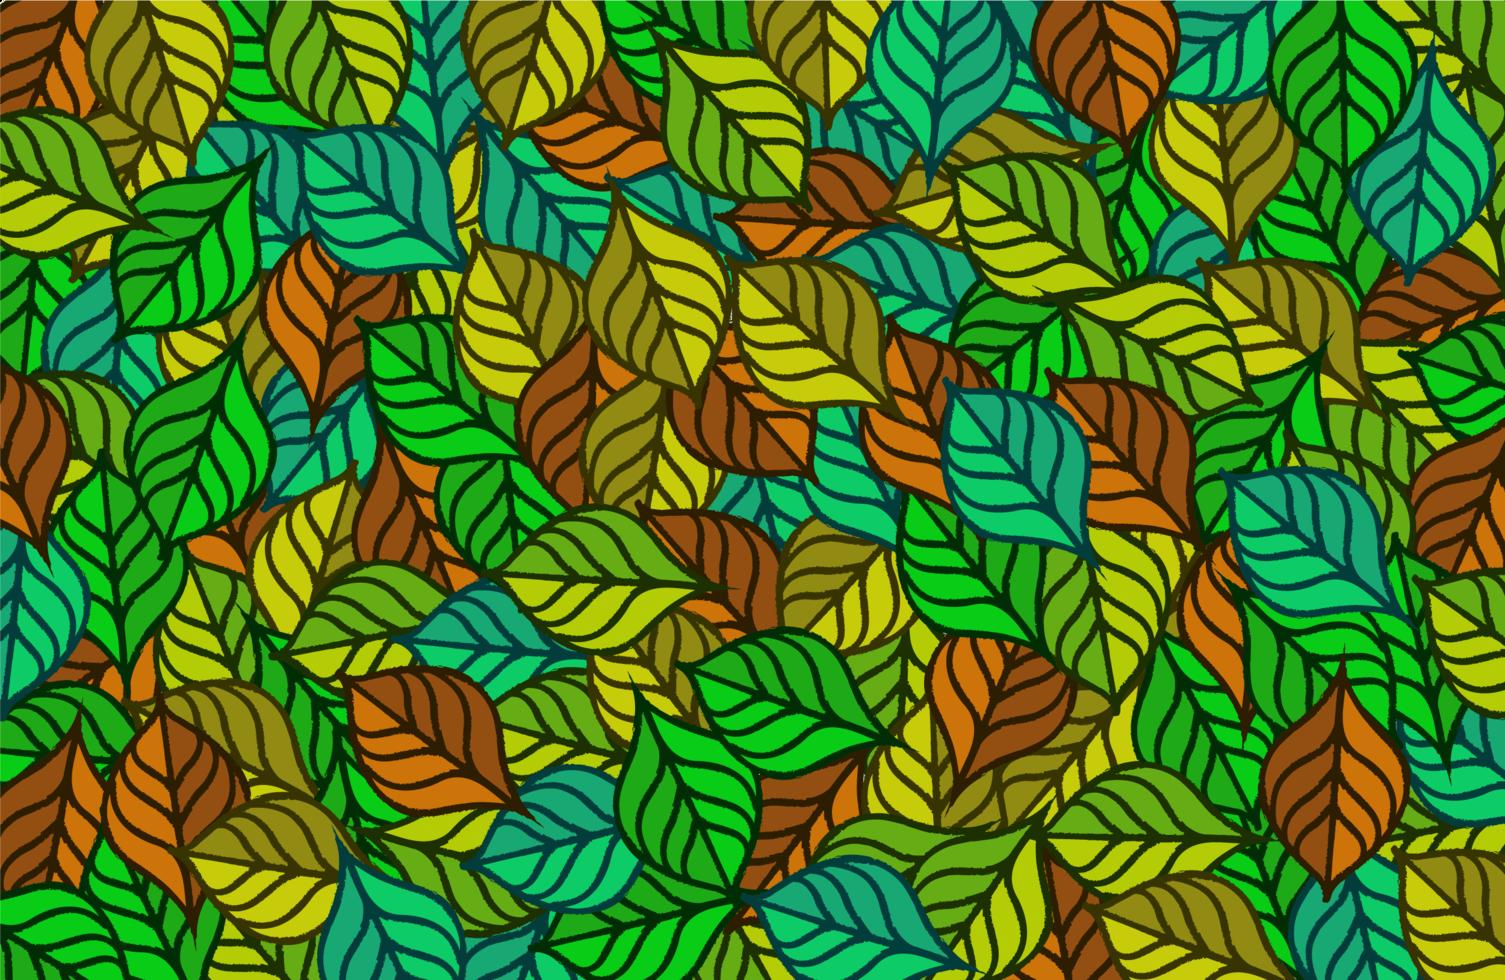 kleurrijk groen en bruin bladerenpatroon vector